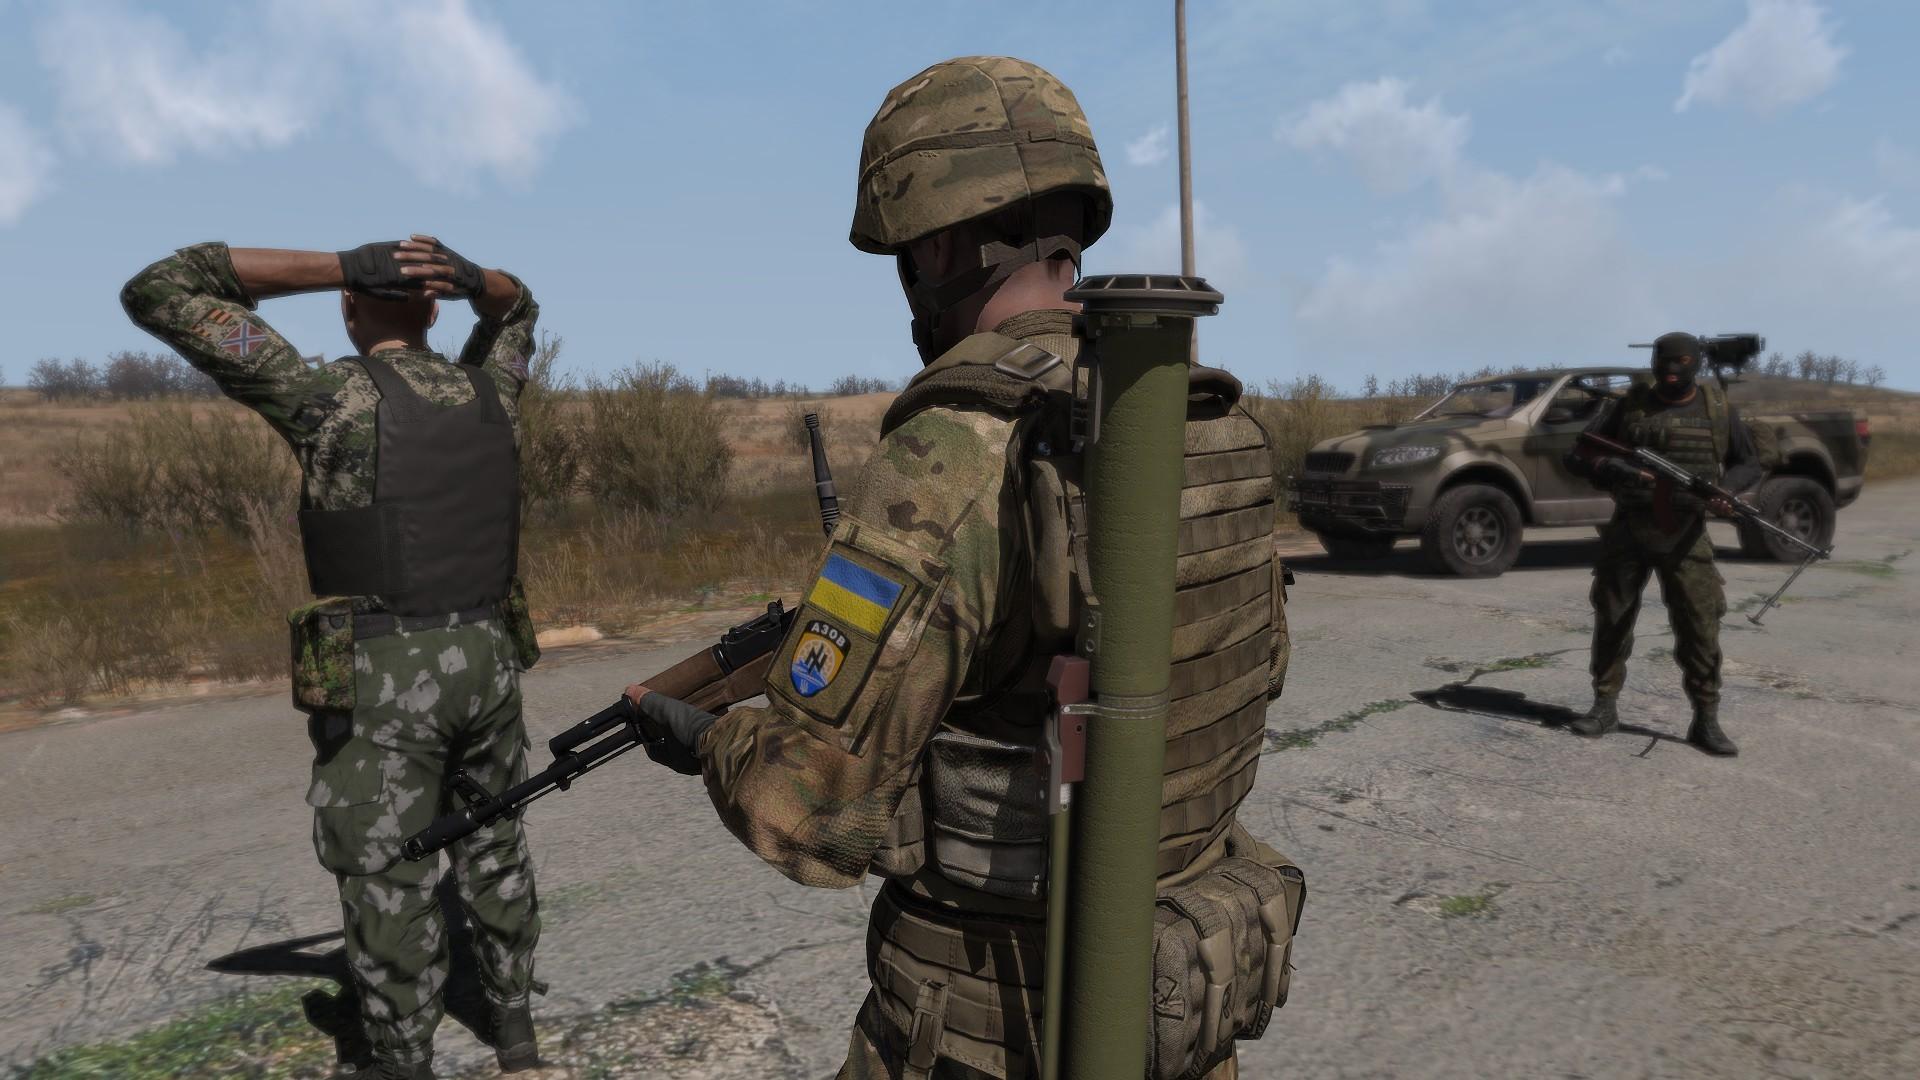 Военная техника ВСУ неэффективна вбоевых условиях— Украинский специалист